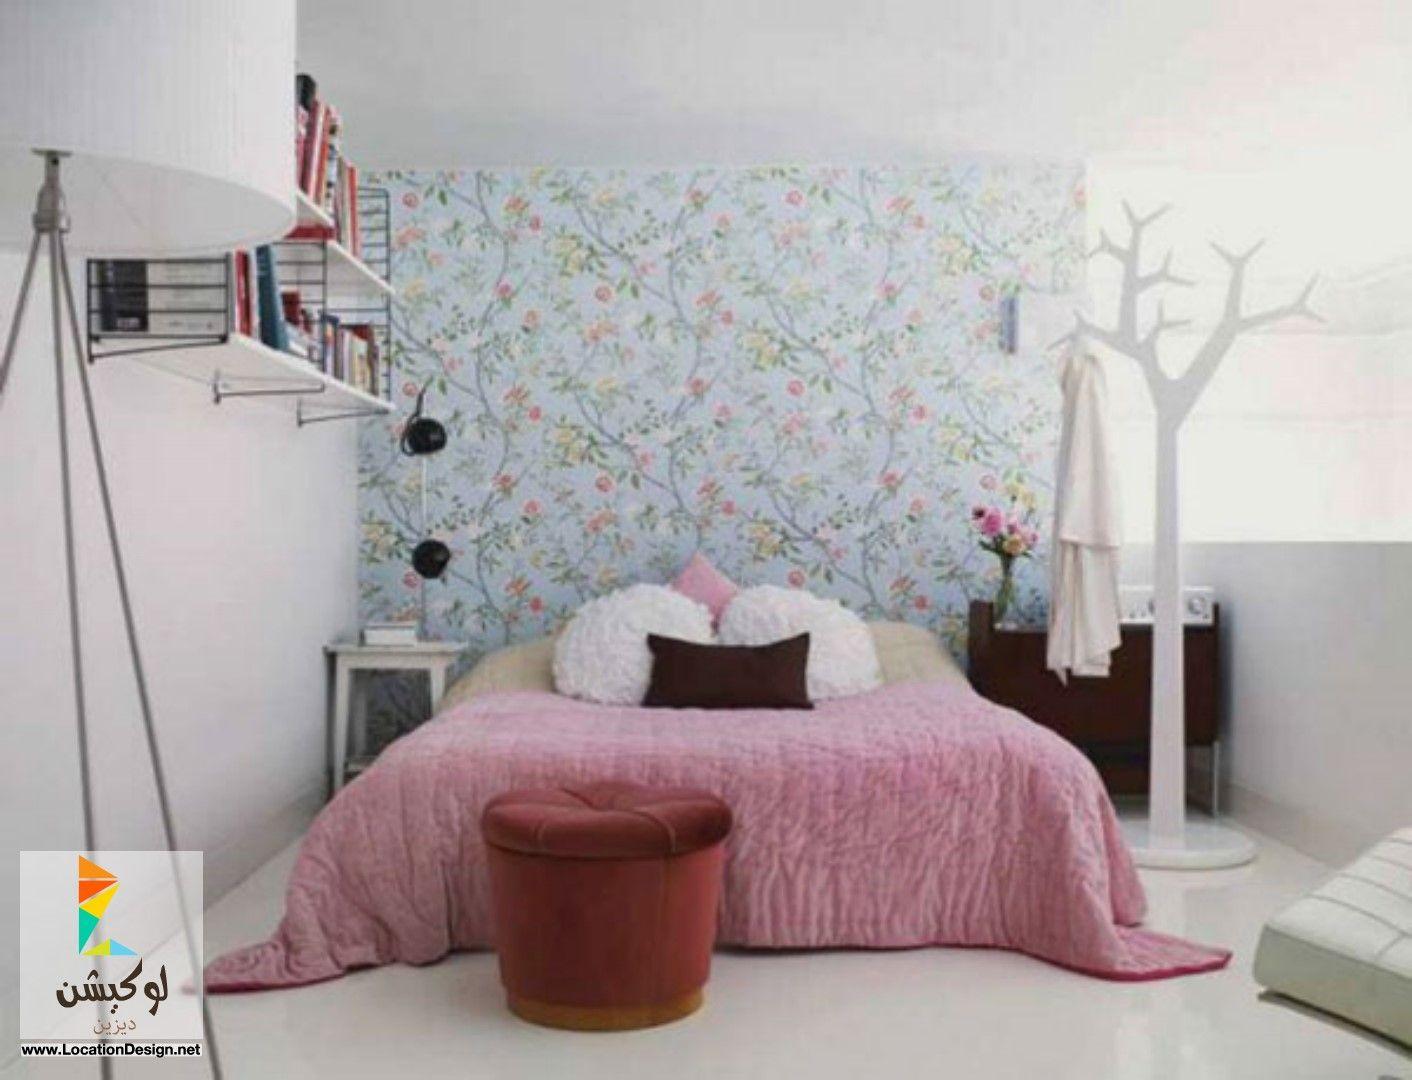 احدث كتالوج صور غرف نوم صغيرة الحجم ب 50 فكرة لإستغلال ضيق المساحة